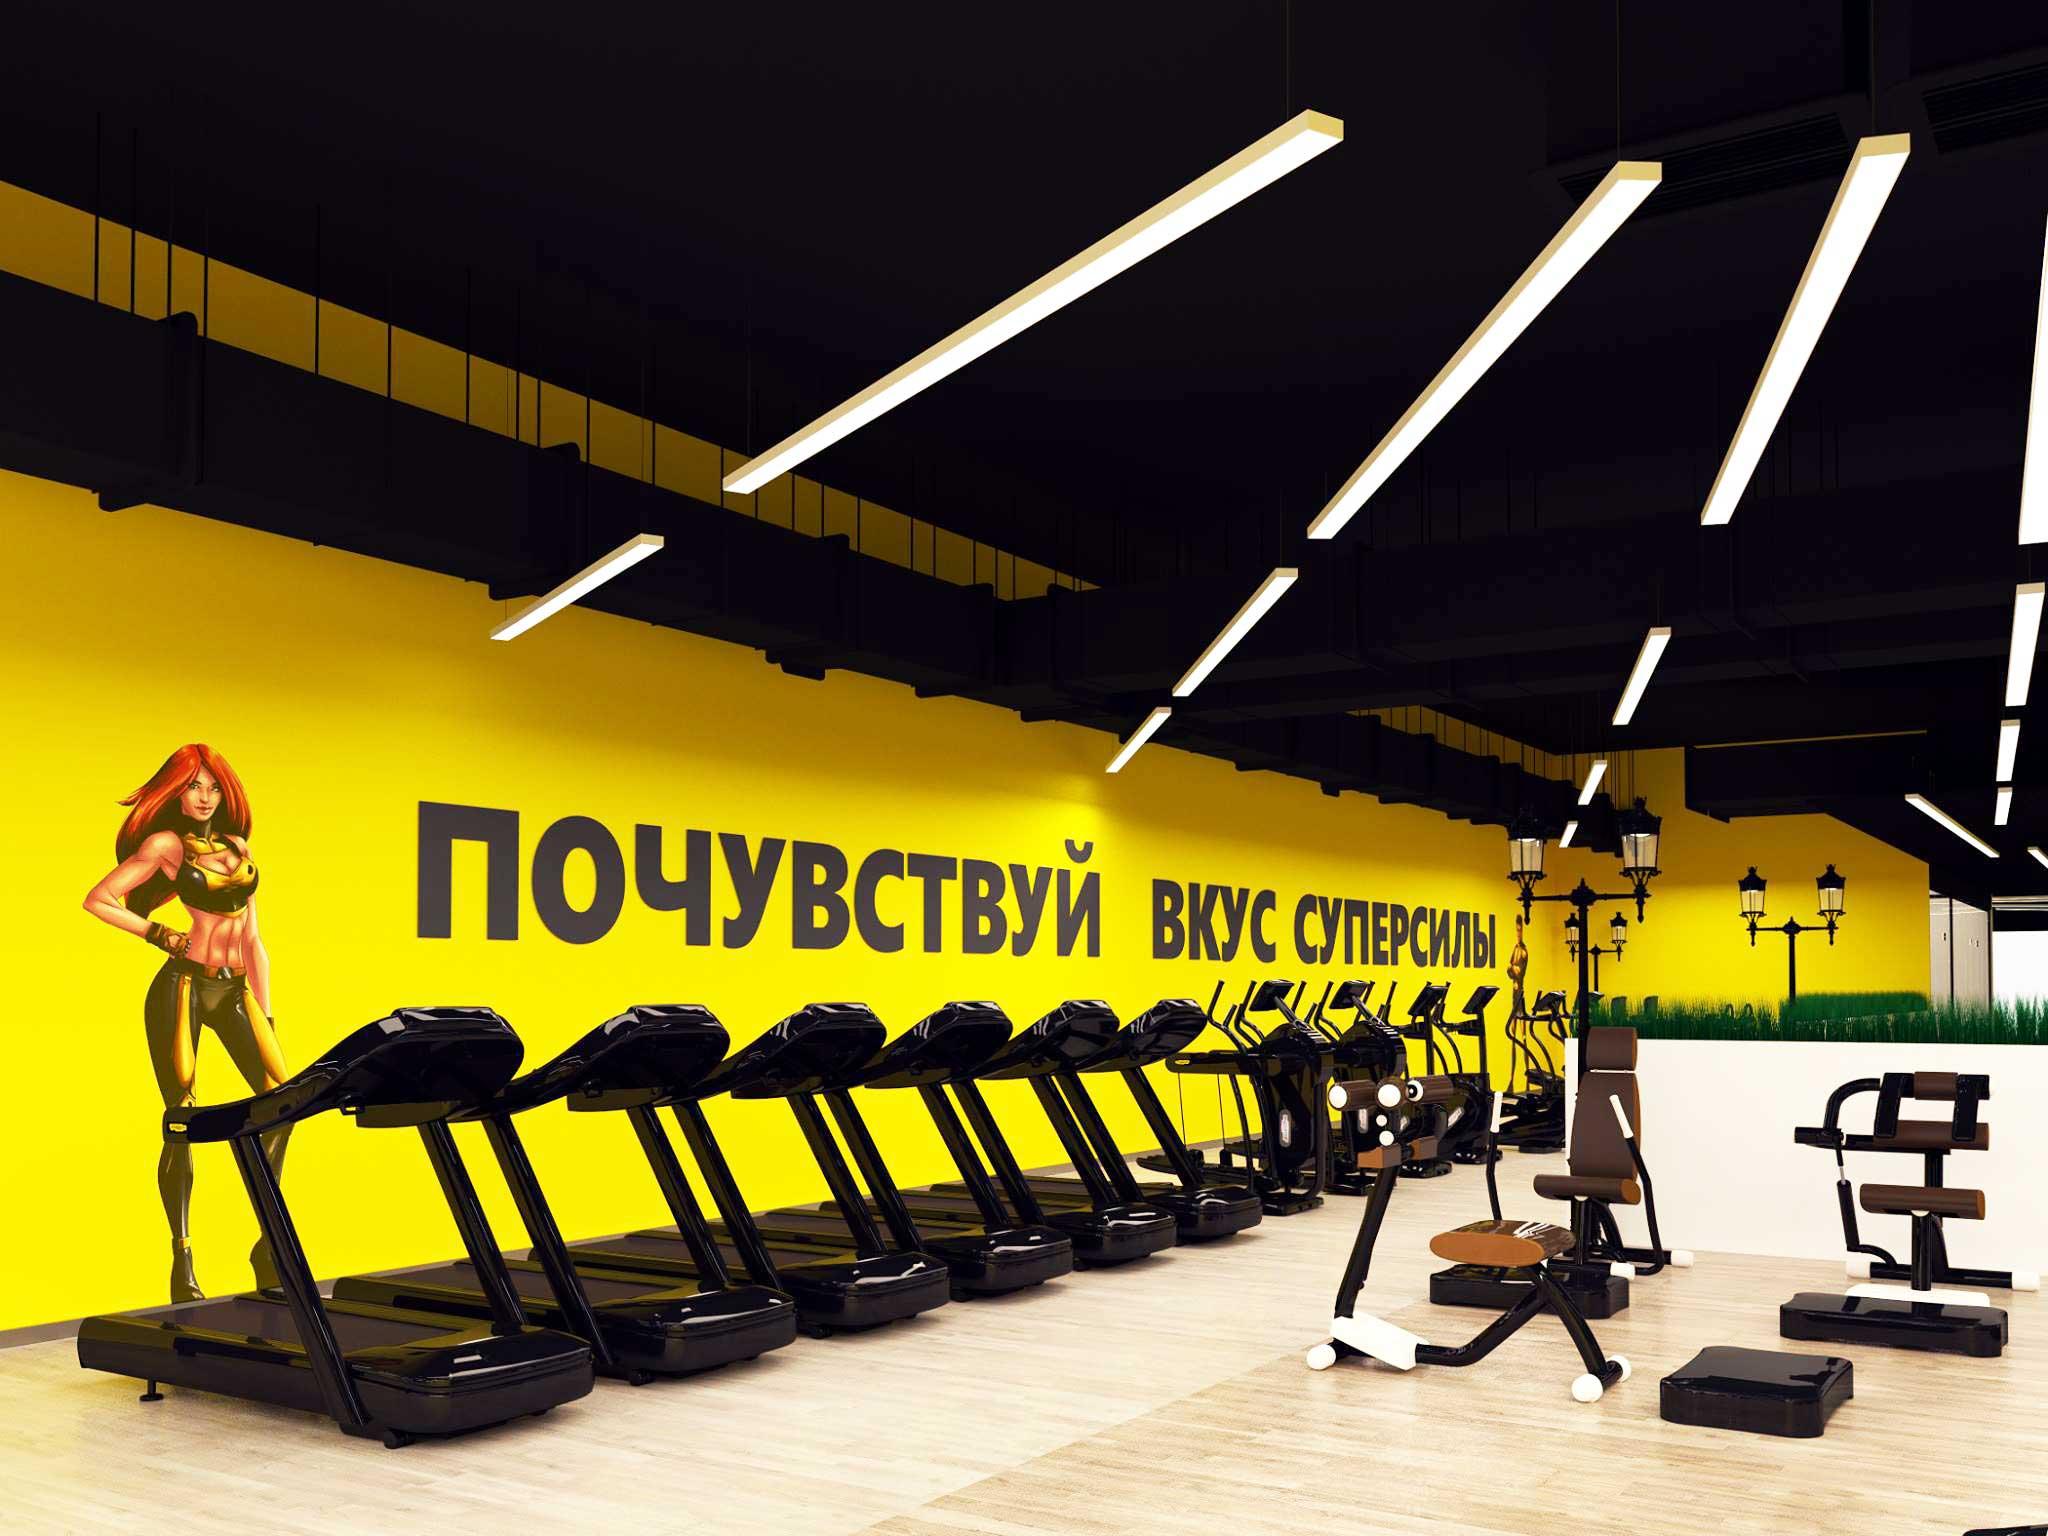 Pro-Vision Communications и сеть фитнес-клубов Come On Gym начинают взаимодействие